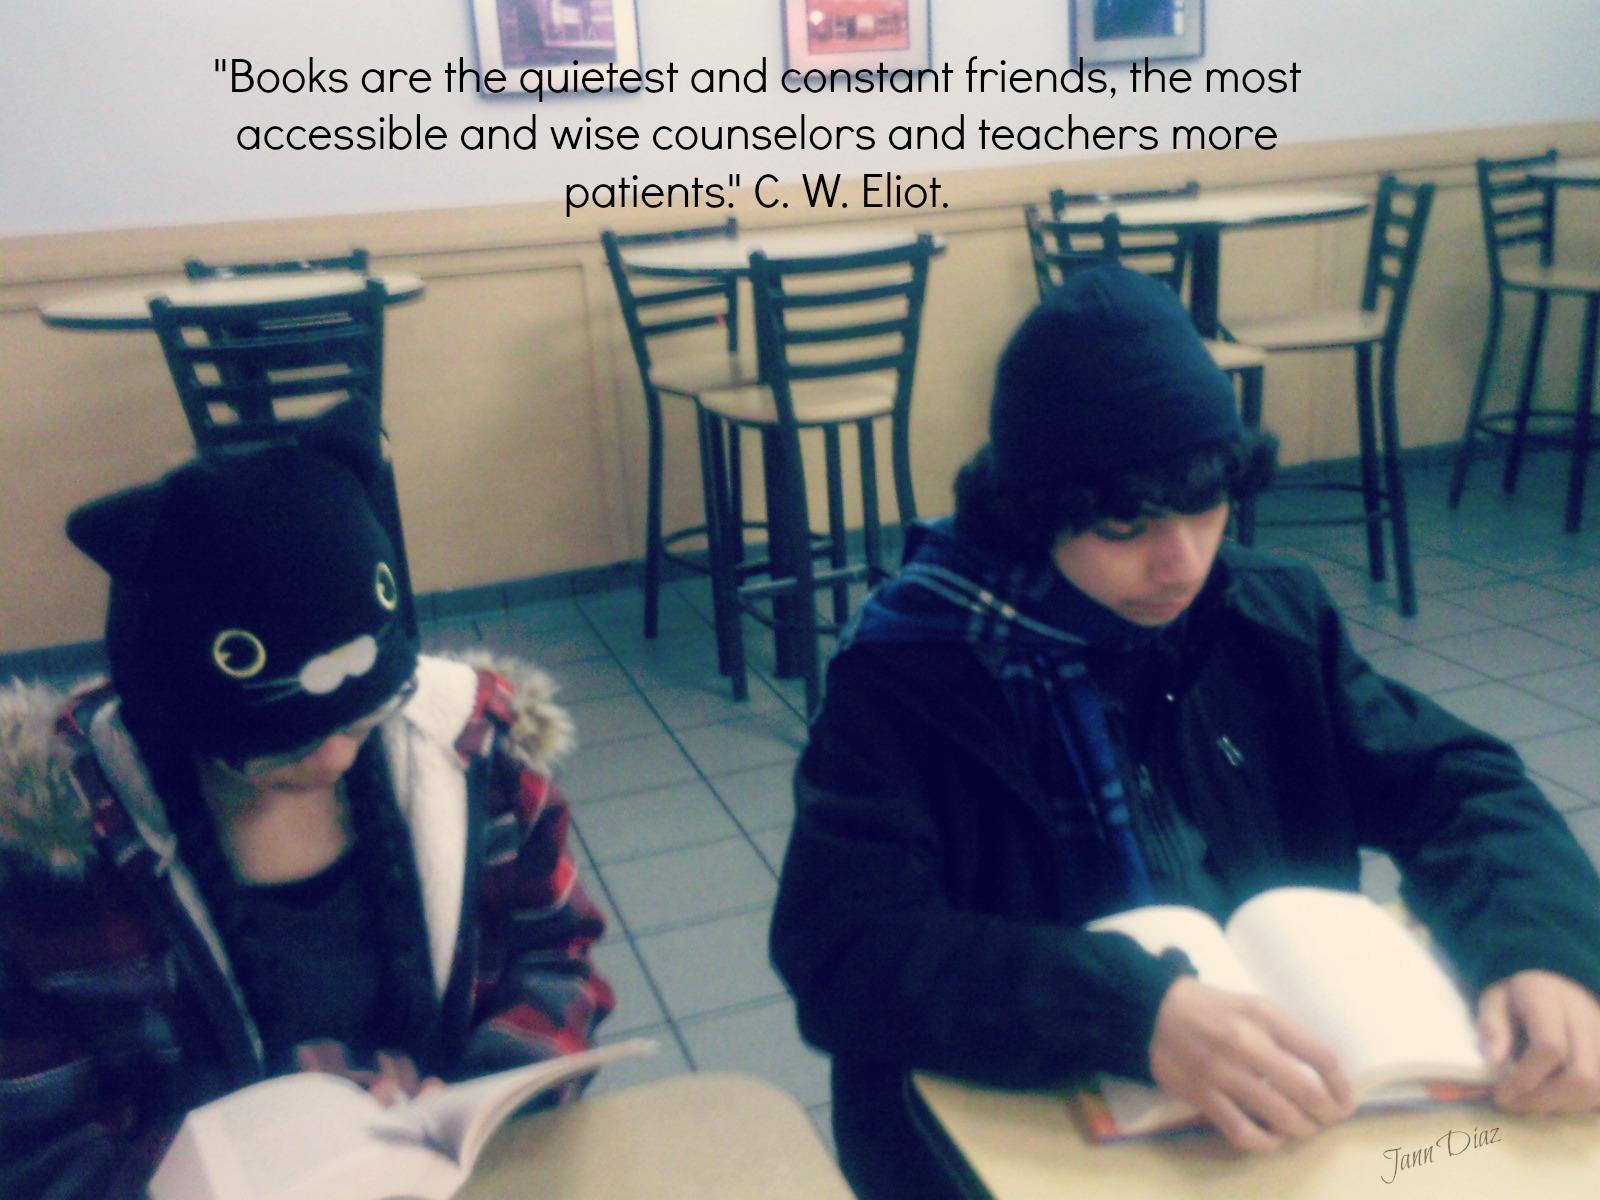 Books are C. W. Eliot